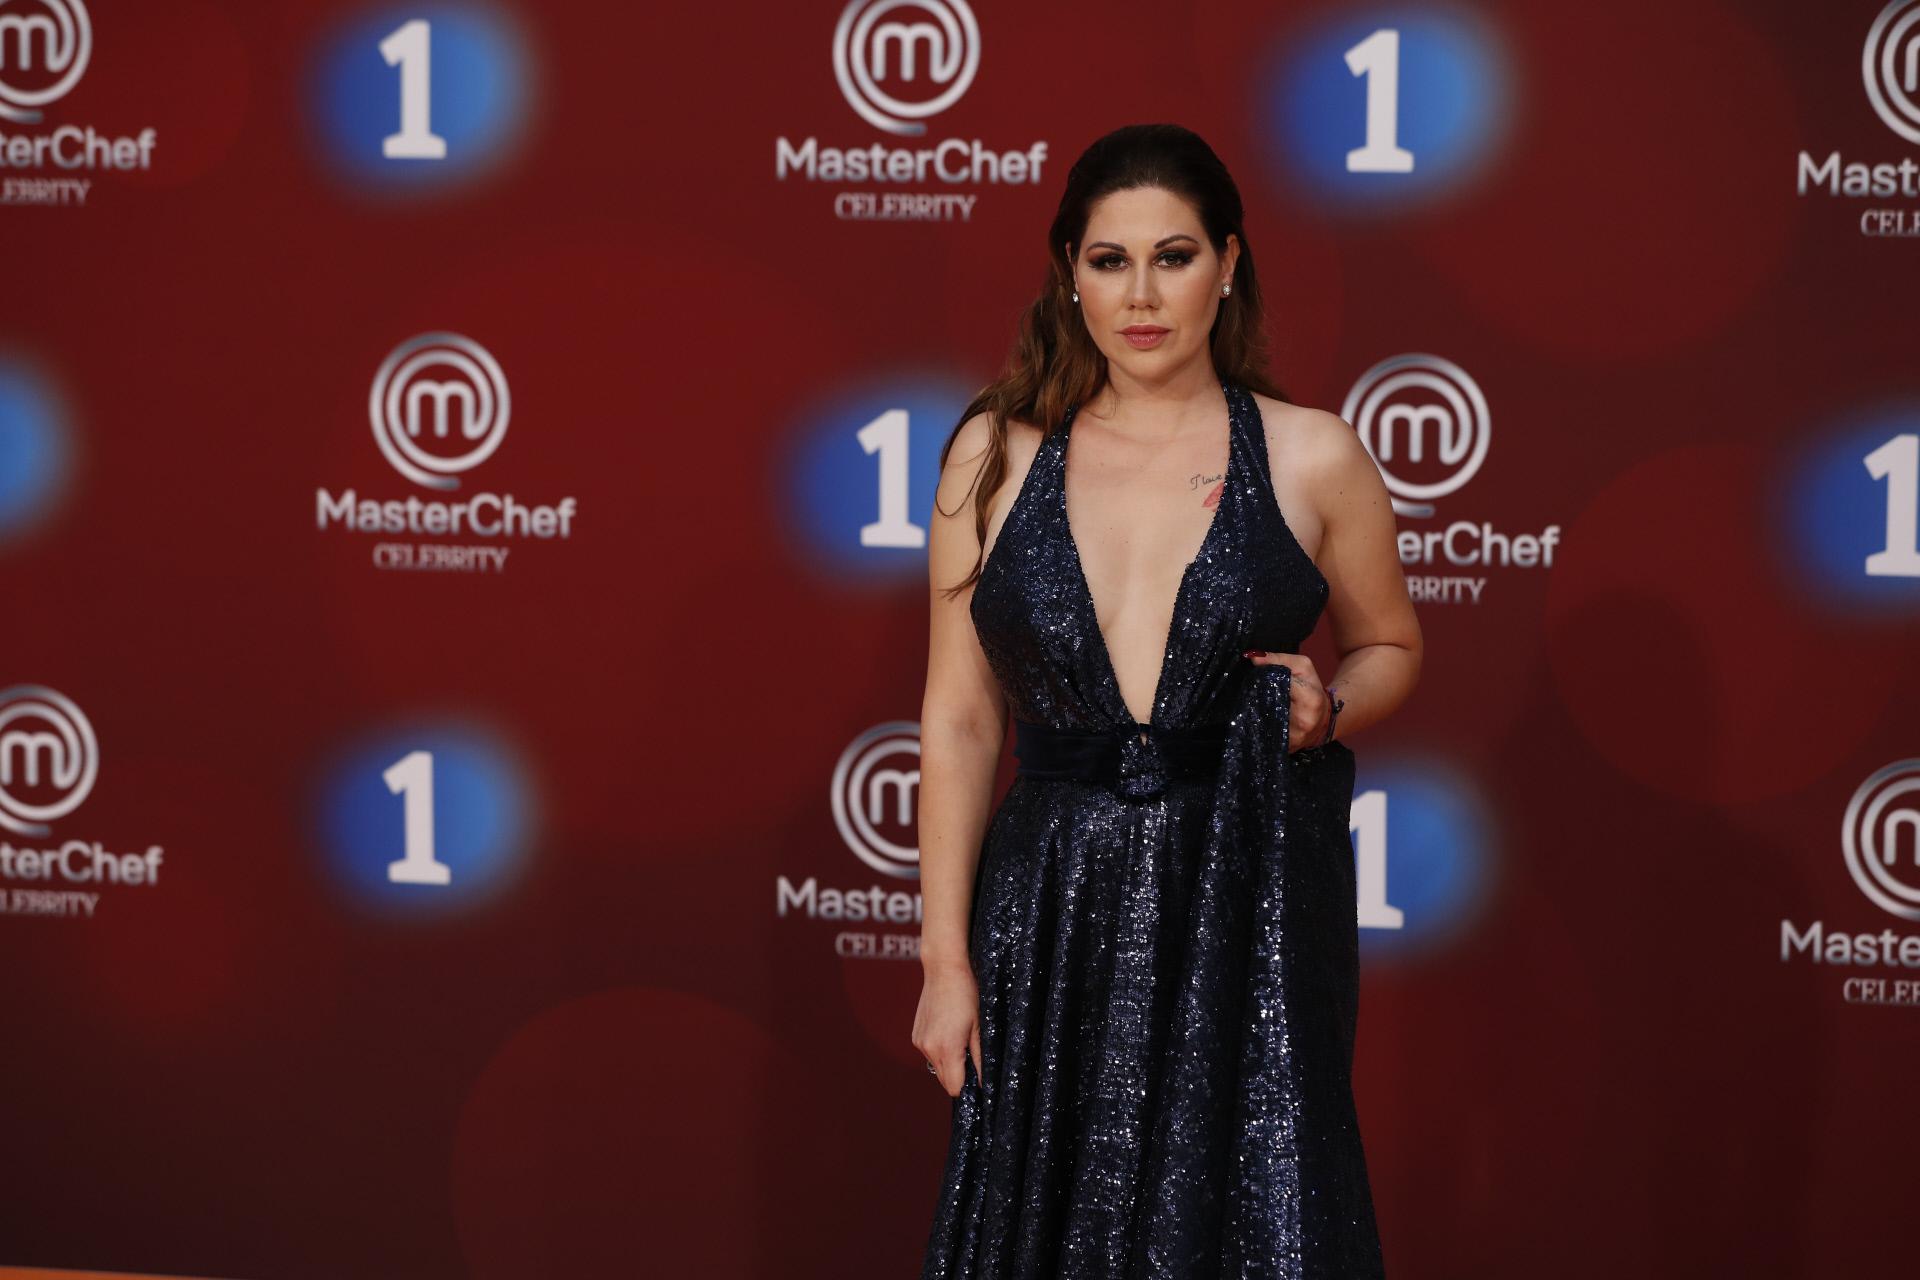 Tamara, en la presentación de Masterchefcelebrity en el Festival de TV de Vitoria.